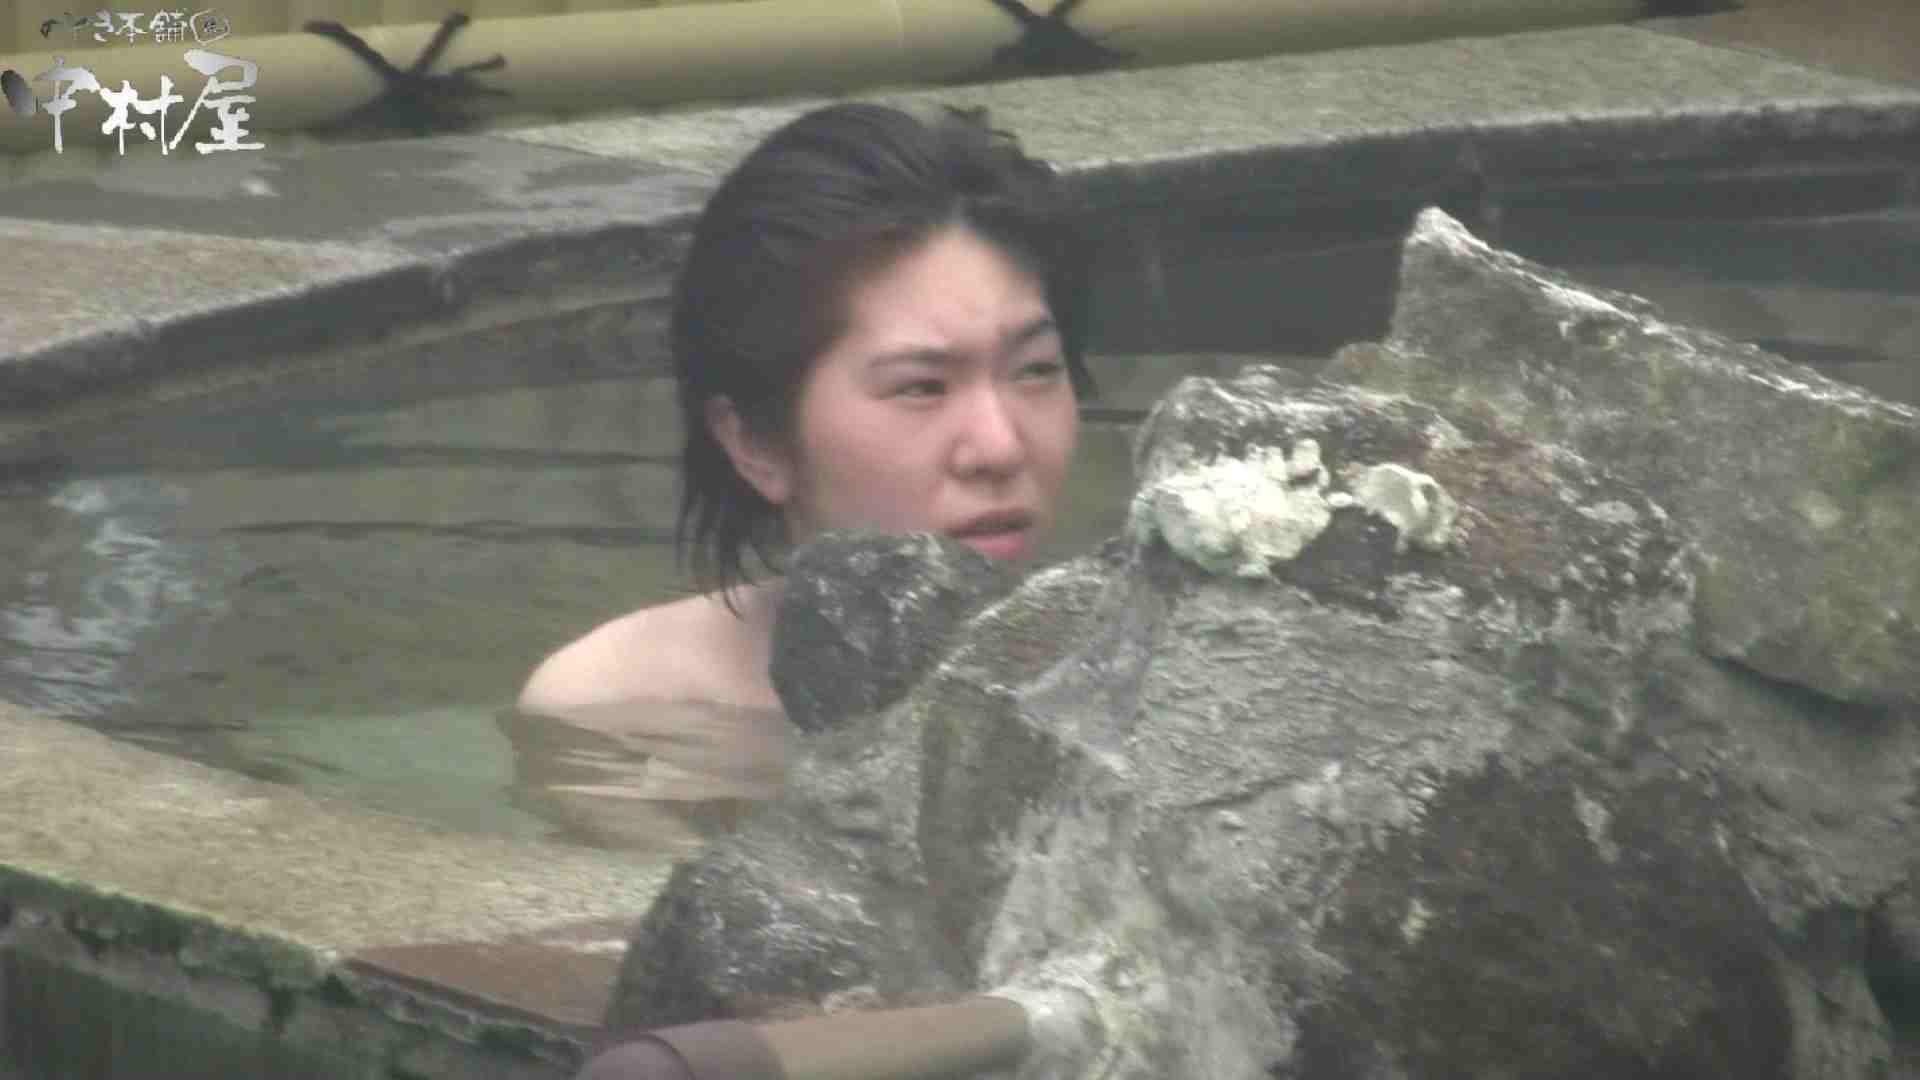 Aquaな露天風呂Vol.907 OL女体 | 女体盗撮  95連発 34